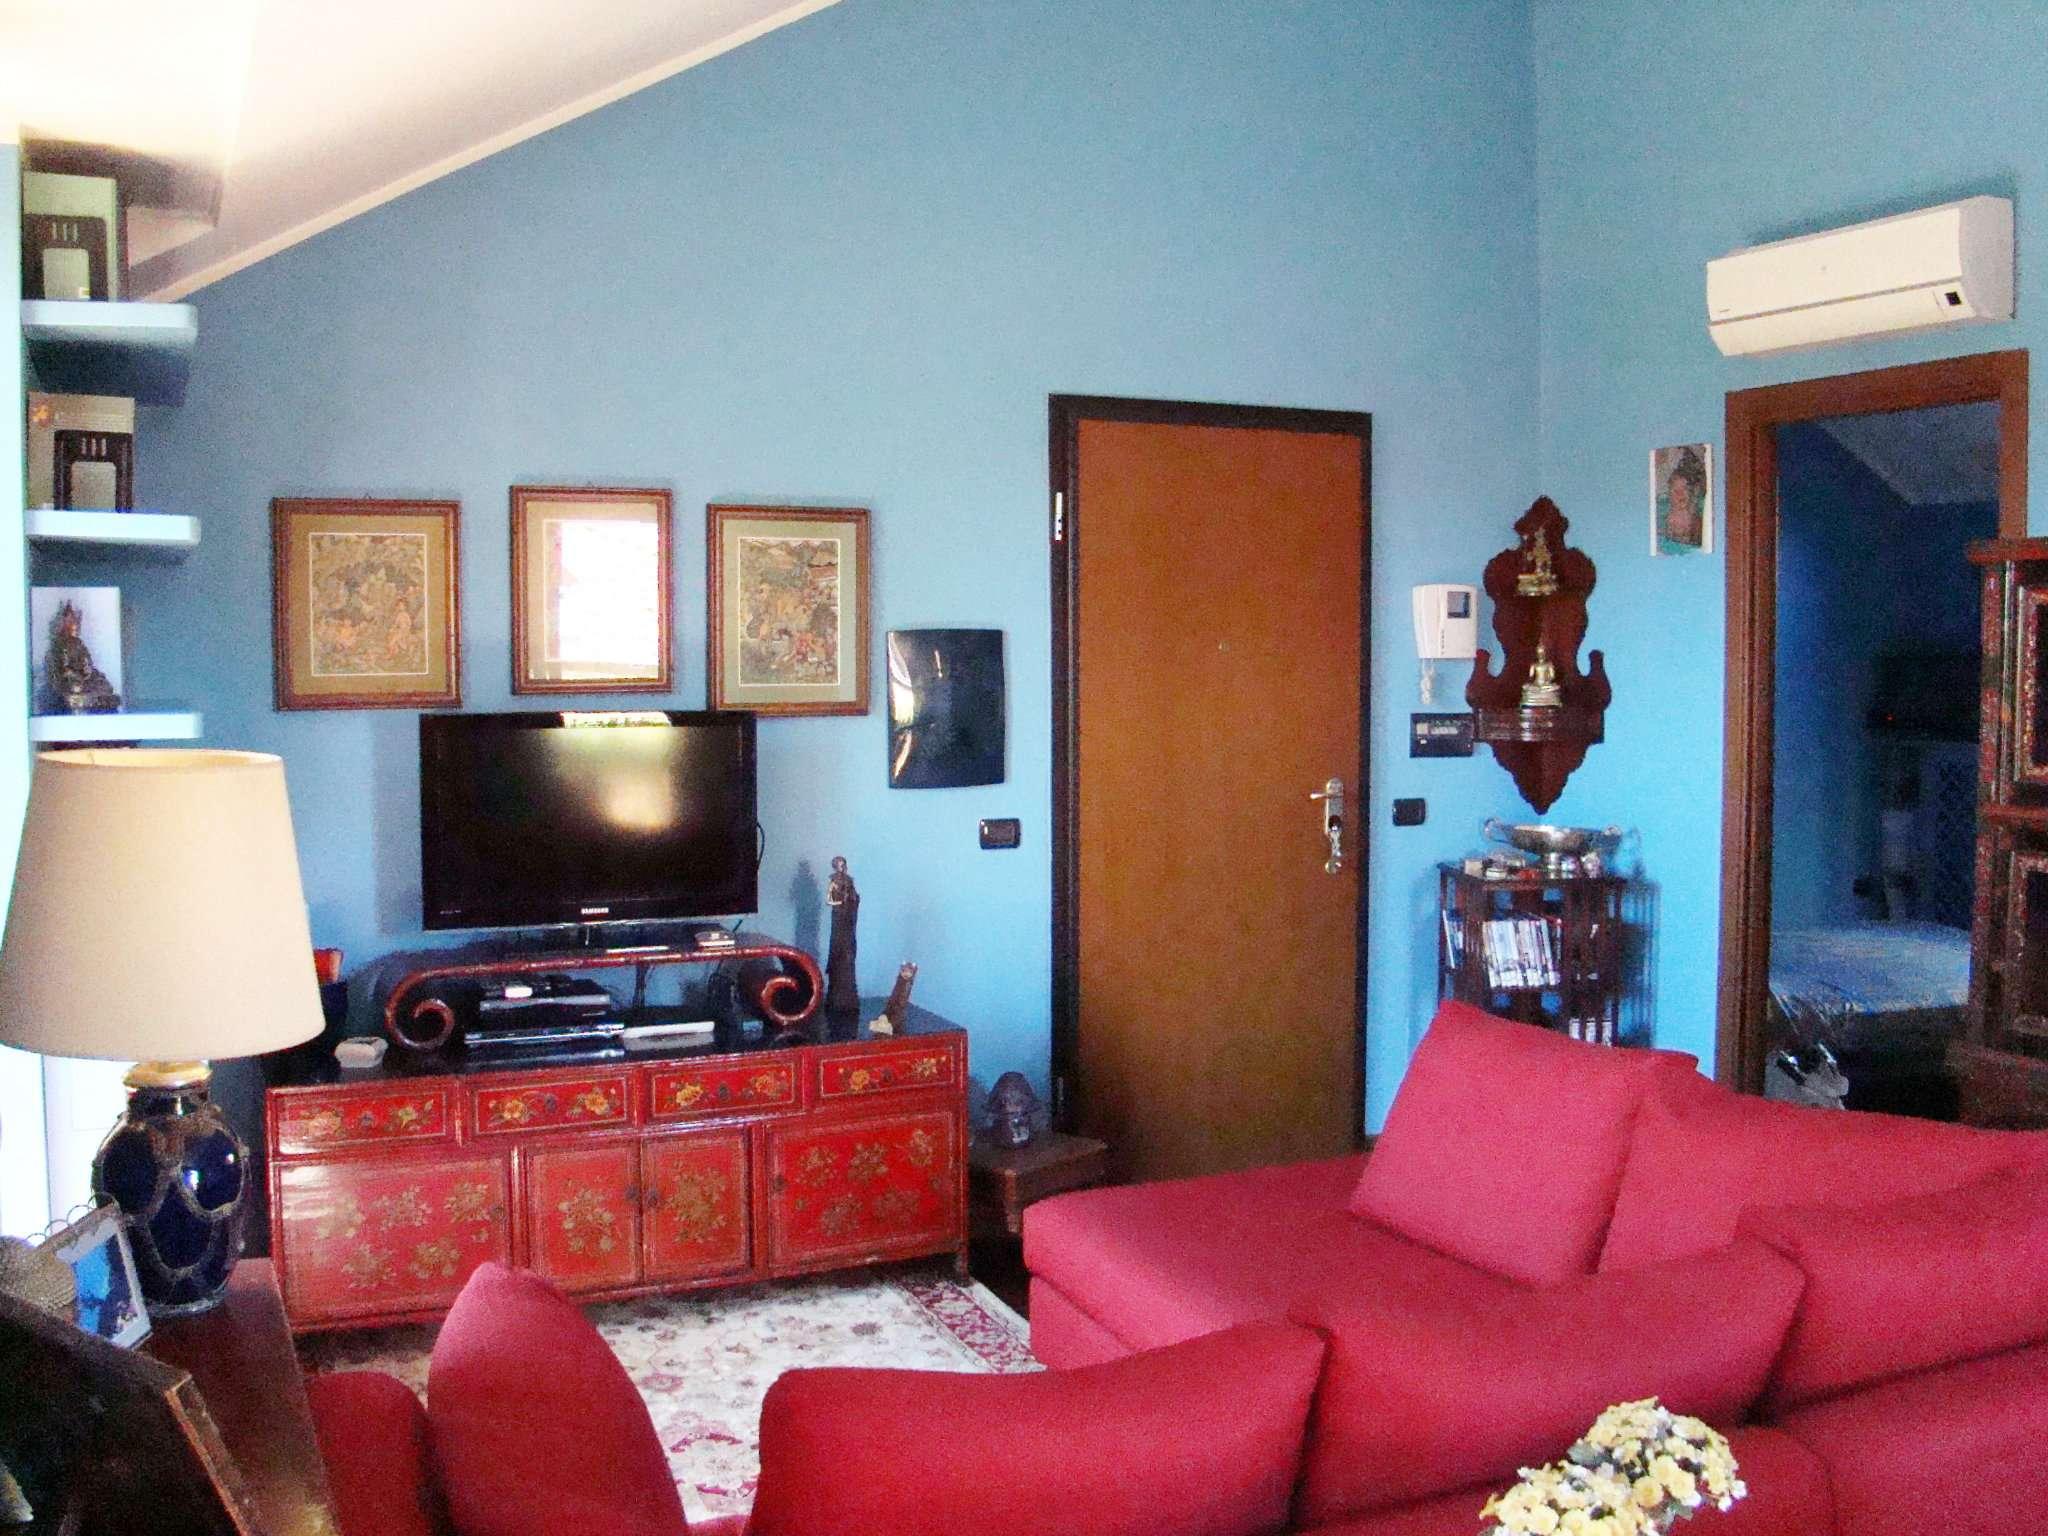 Attico / Mansarda in vendita a Peschiera Borromeo, 2 locali, prezzo € 208.000 | CambioCasa.it